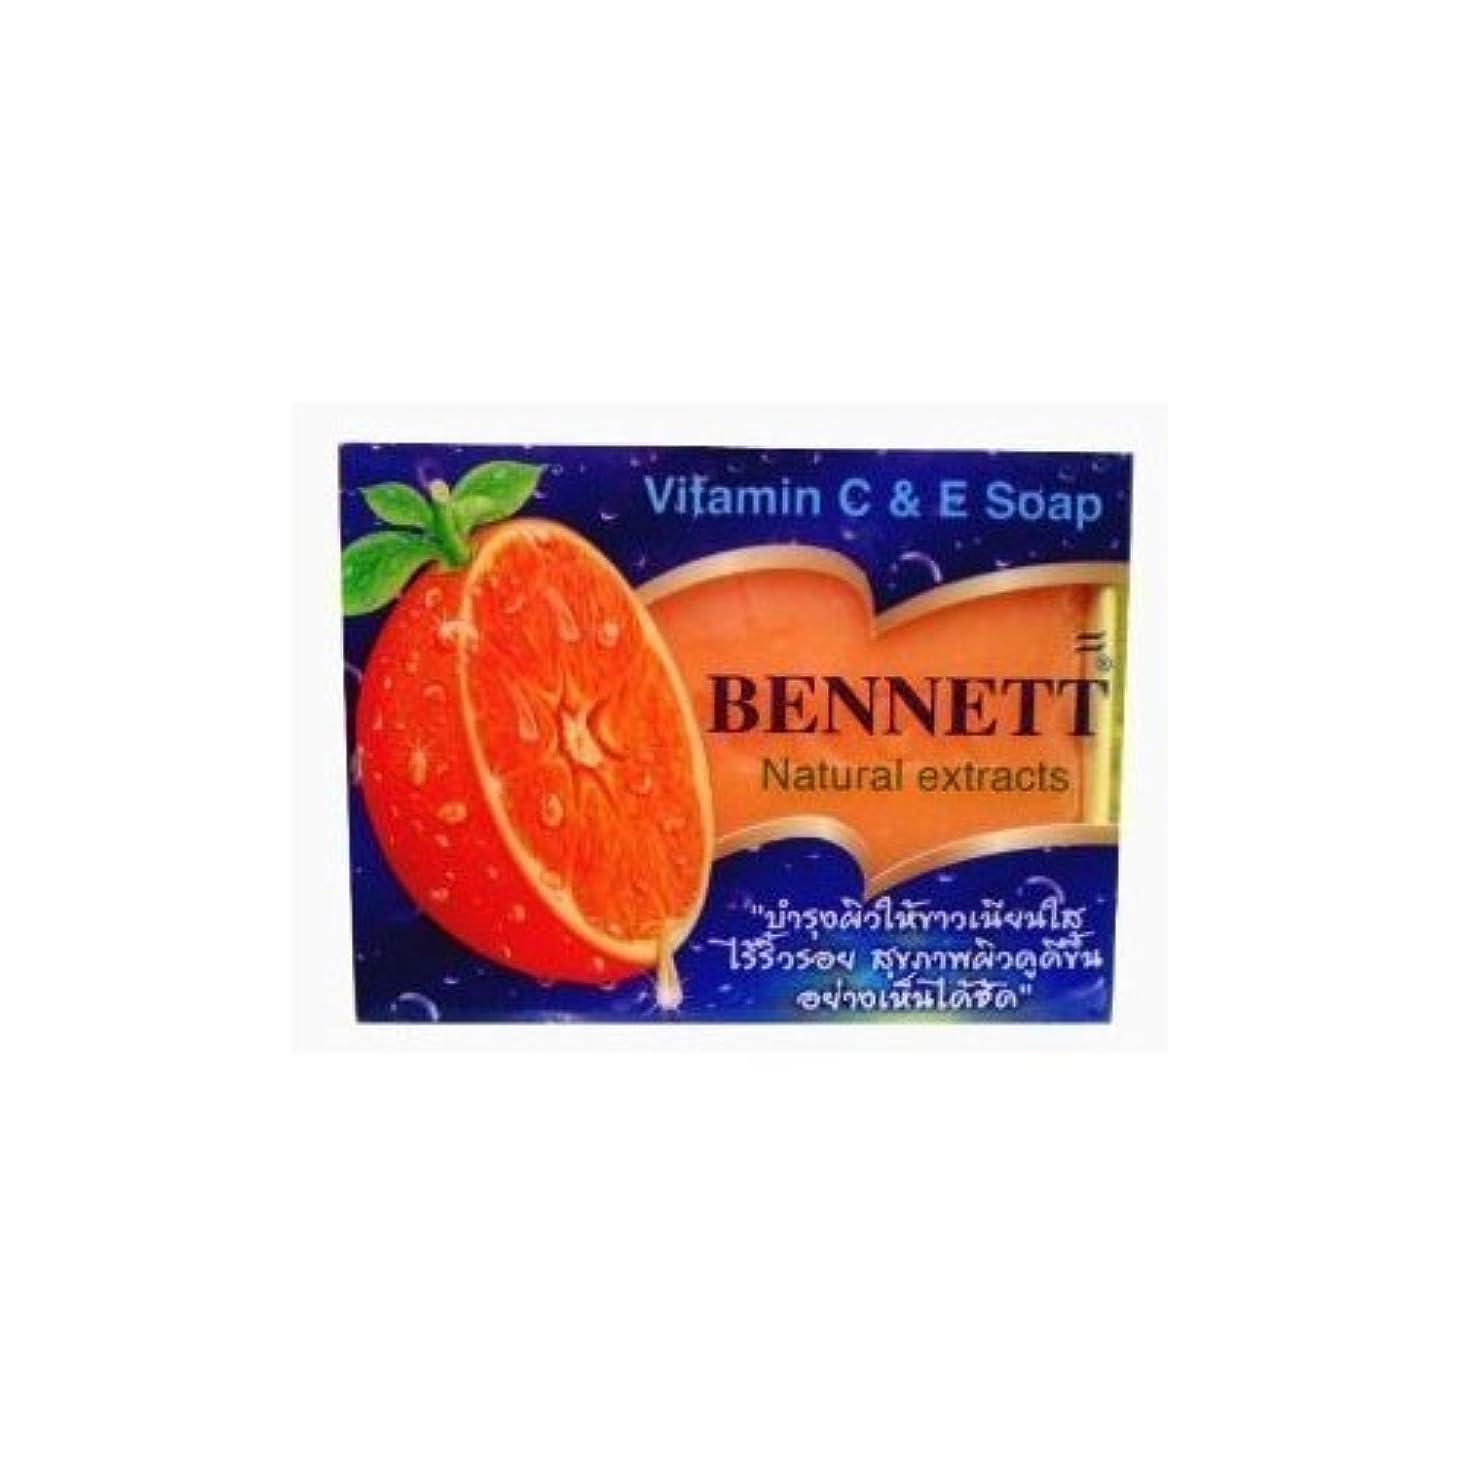 はず突き刺す出撃者High Vitamin Fruit Extract Body and Face Bar Spa Soap 4.59 0z, Enriched Vitamin C & E Skin Smooth & Anti Acne & Body Deodorant by Ni Yom Thai shop